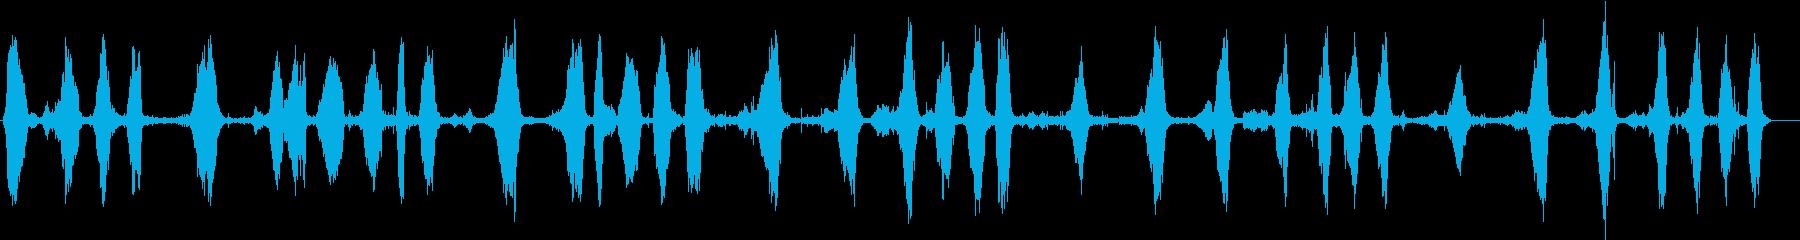 クジラ、ザトウクジラの鳴き声、歌。...の再生済みの波形